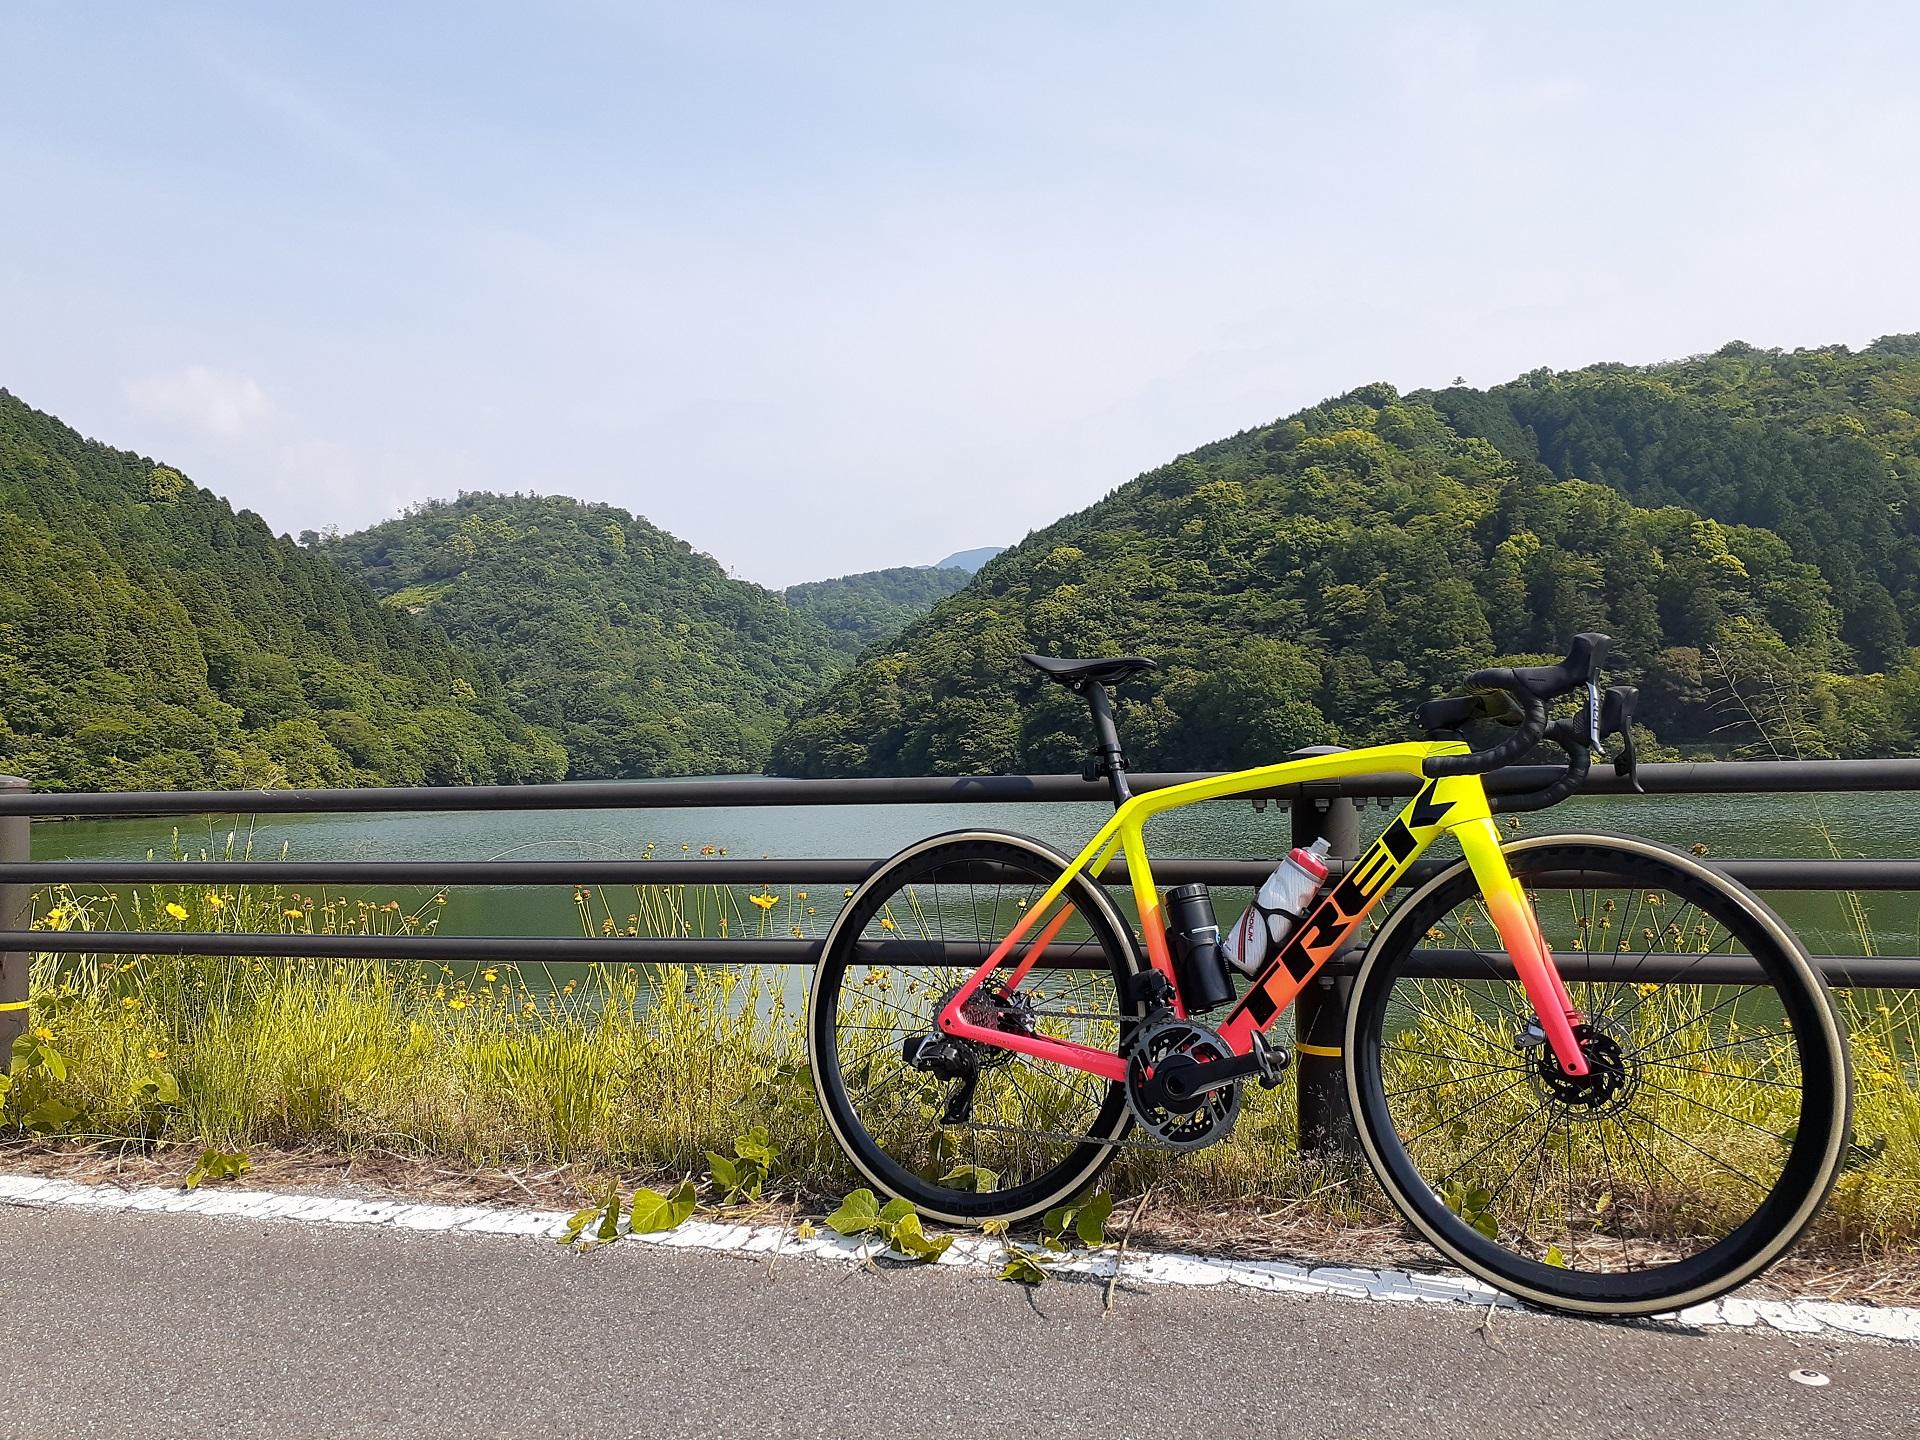 スタッフ信友の【New ÉMONDA SLR】インプレッション!!